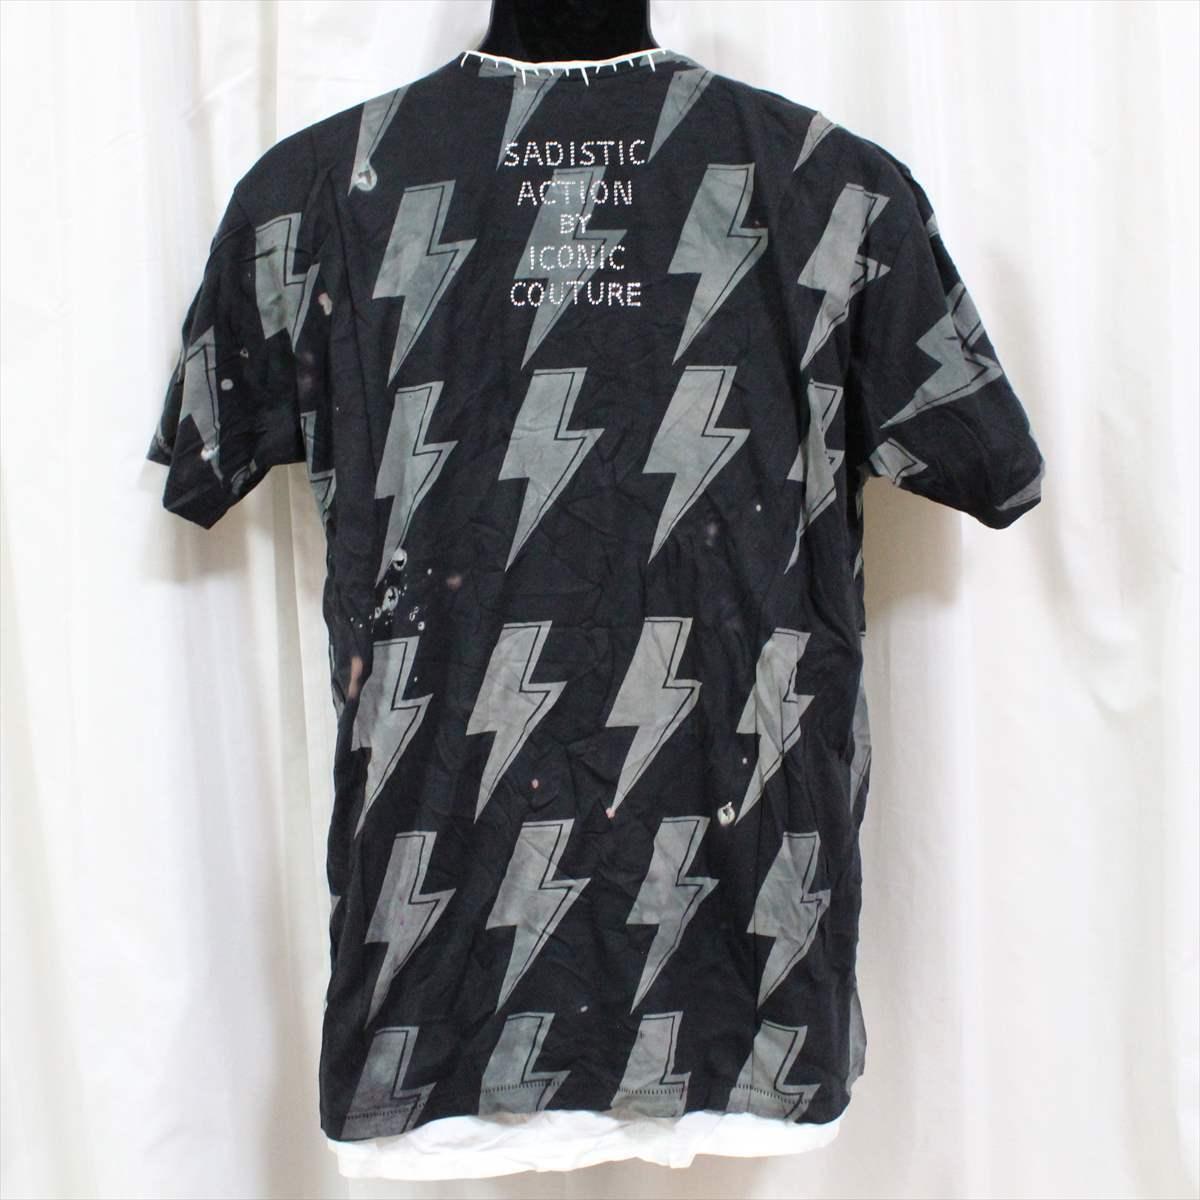 サディスティックアクション SADISTIC ACTION アイコニック ICONIC COTURE メンズ半袖Tシャツ AC/DC XLサイズ 新品_画像4